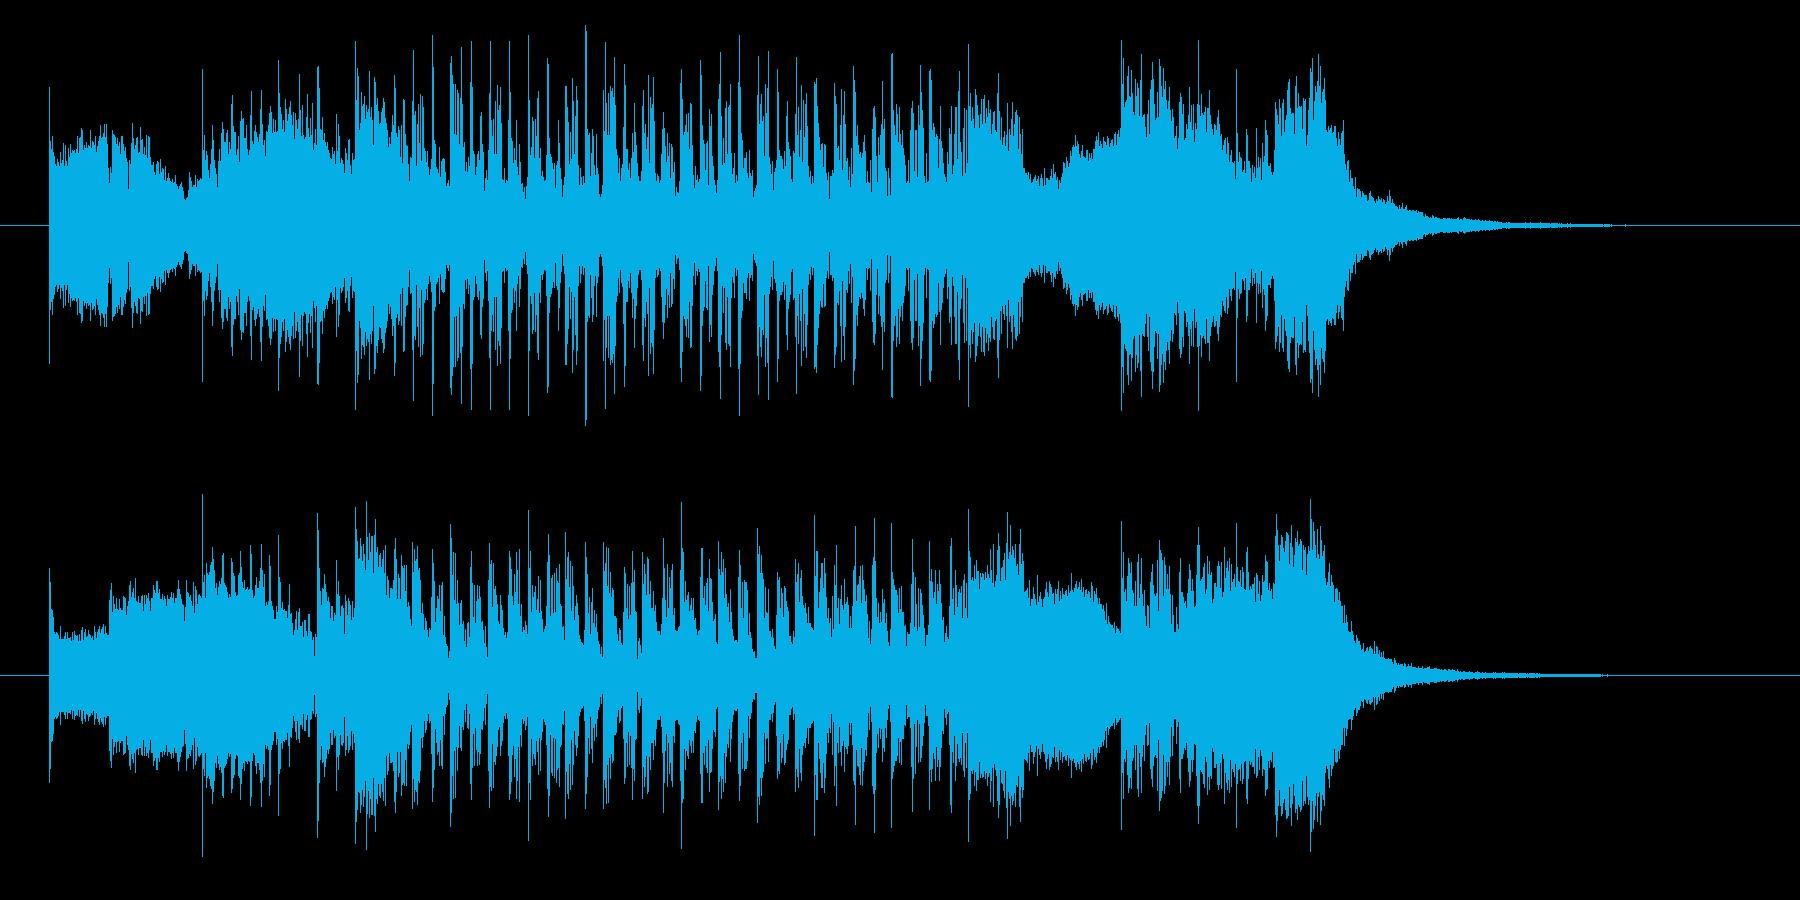 速さのあるギターのパンクロックの曲の再生済みの波形